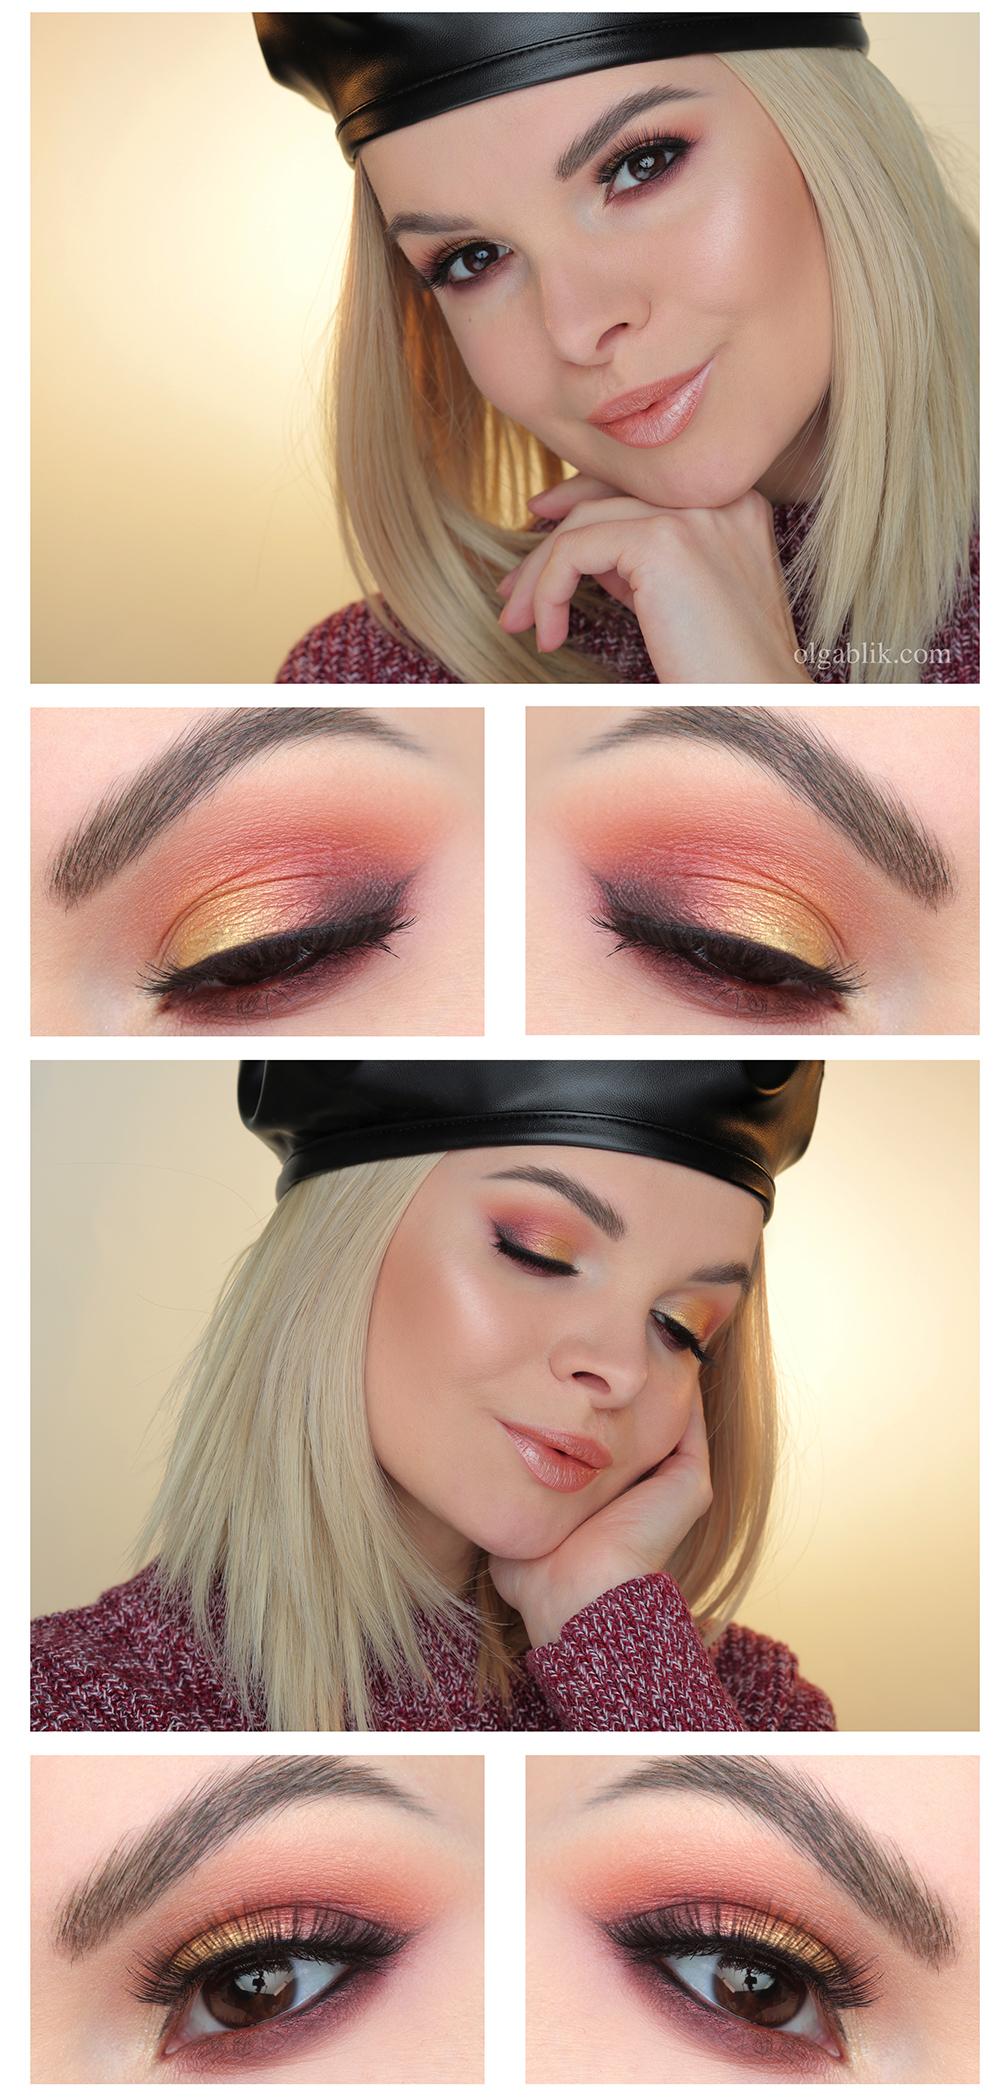 Как сделать макияж на каждый день, дневной макияж пошагово, урок макияжа